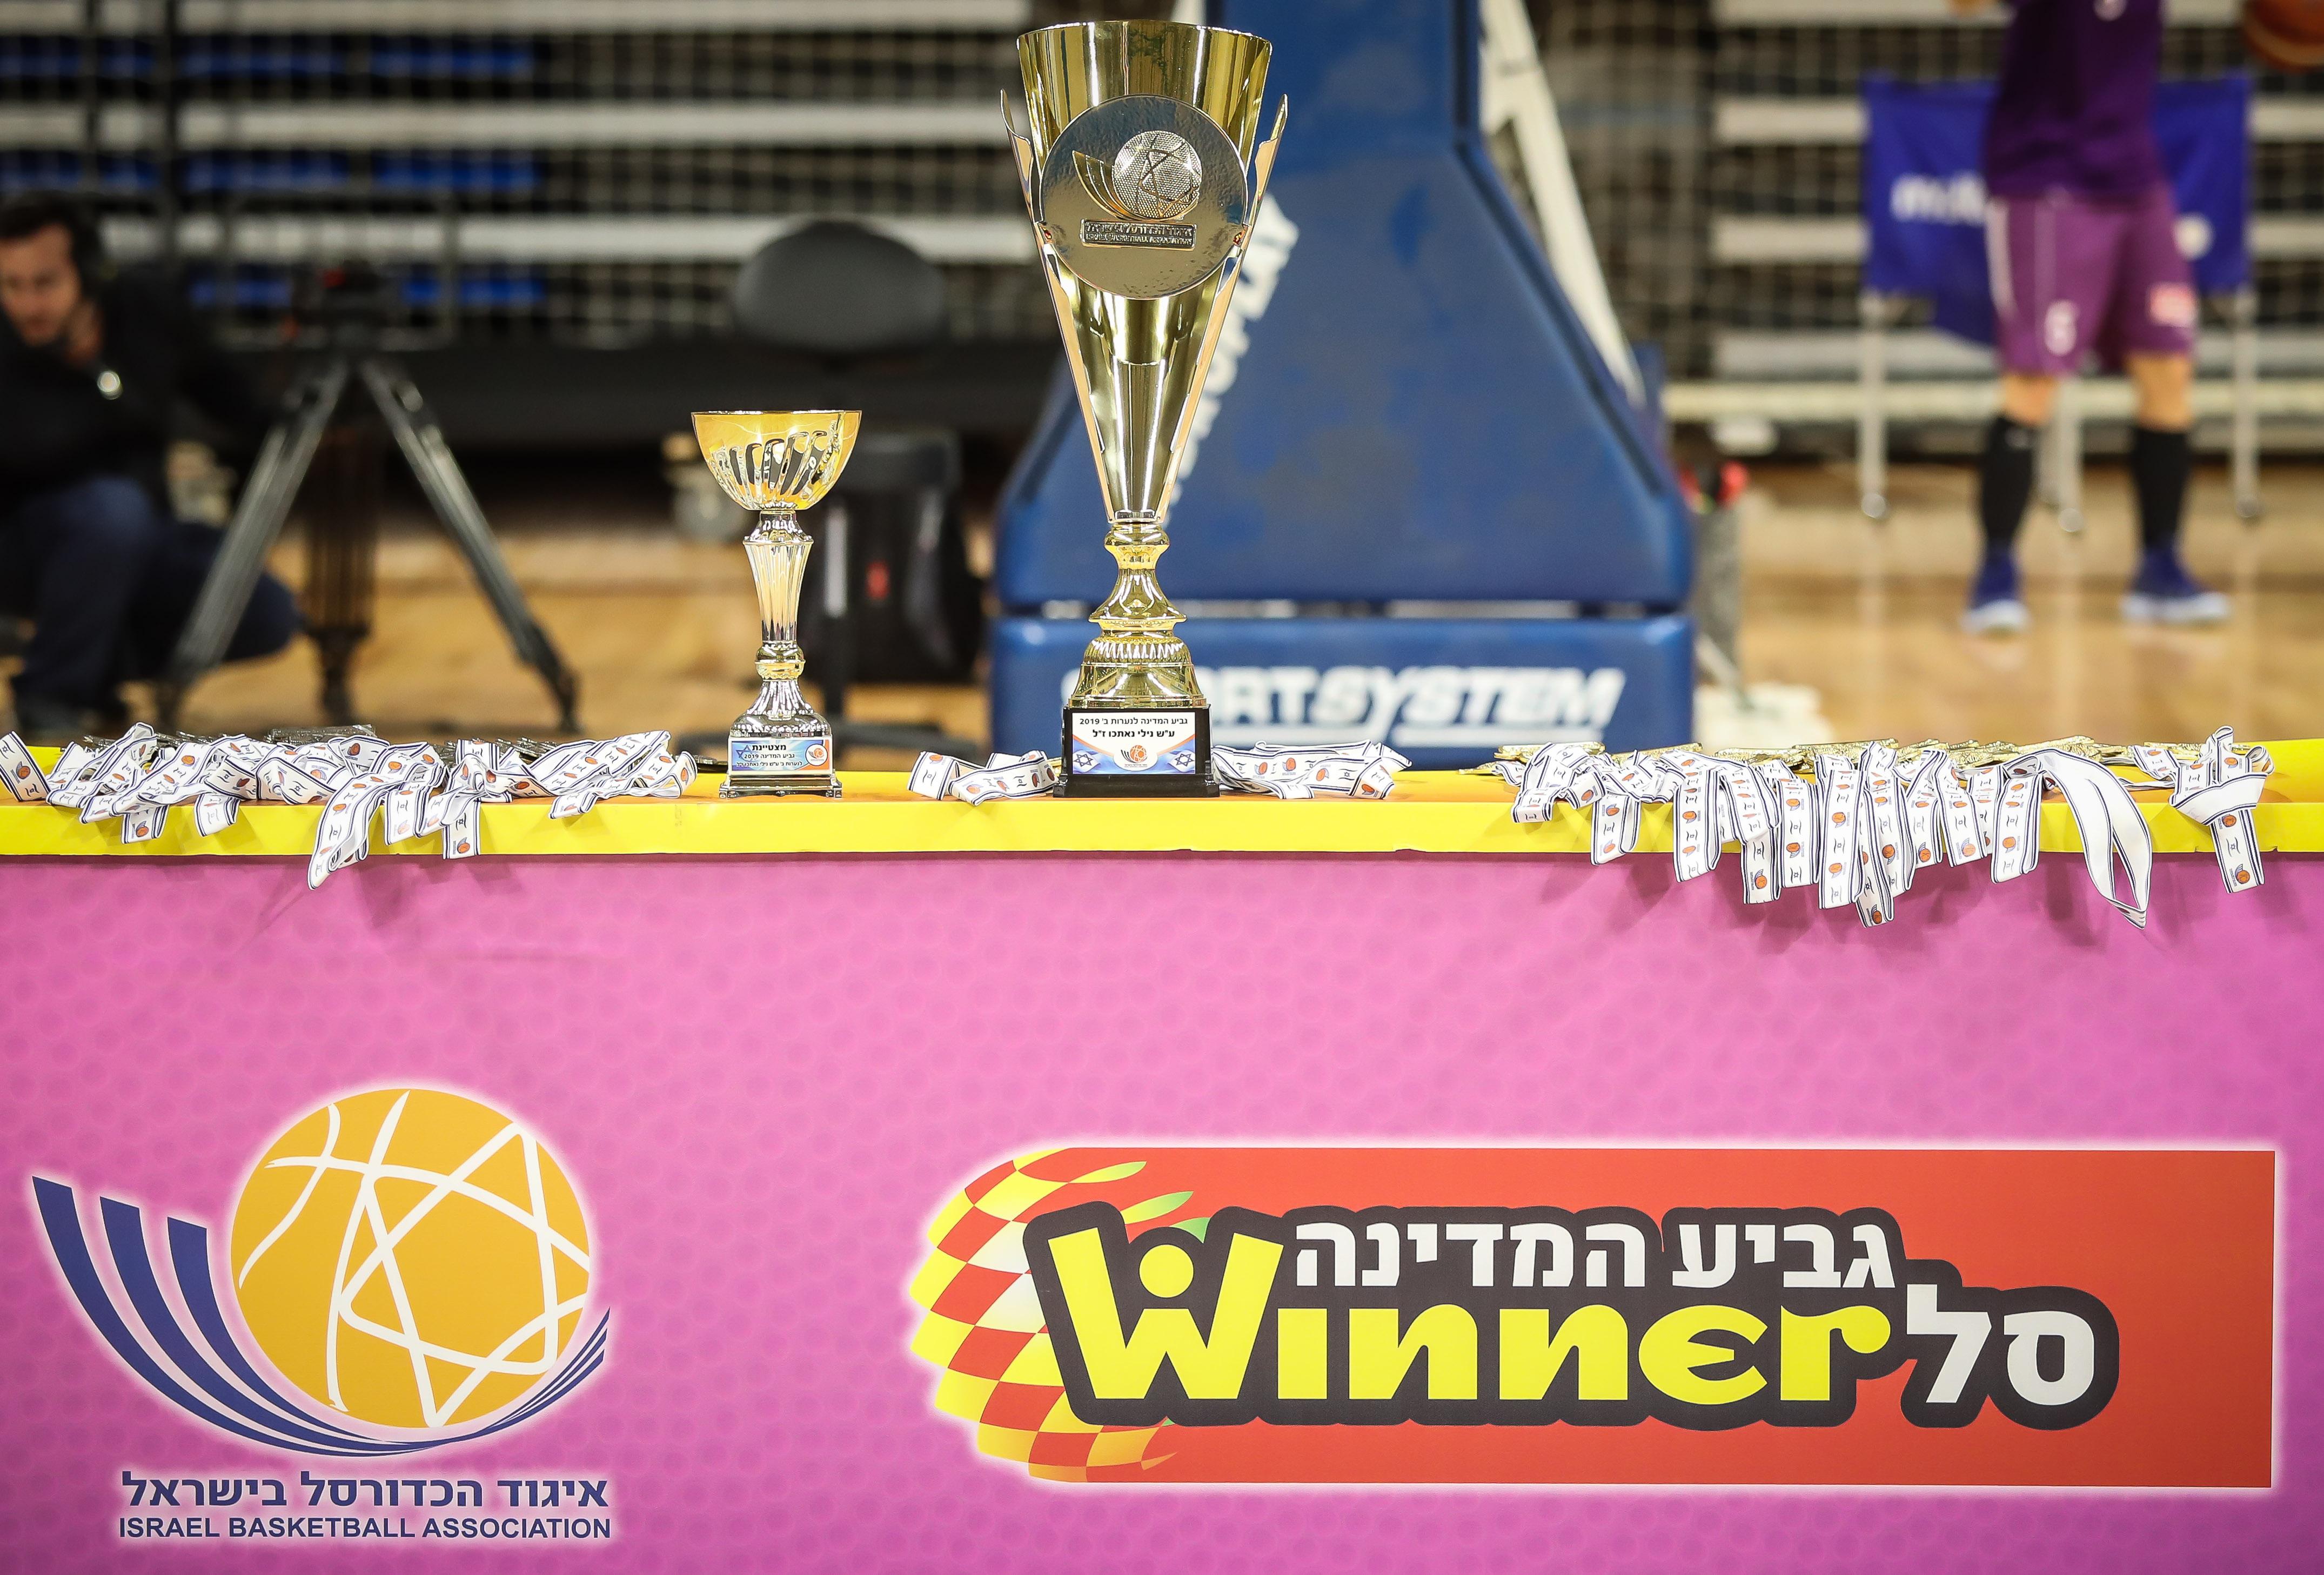 הגרלות גביע המדינה לנוער ולנערות